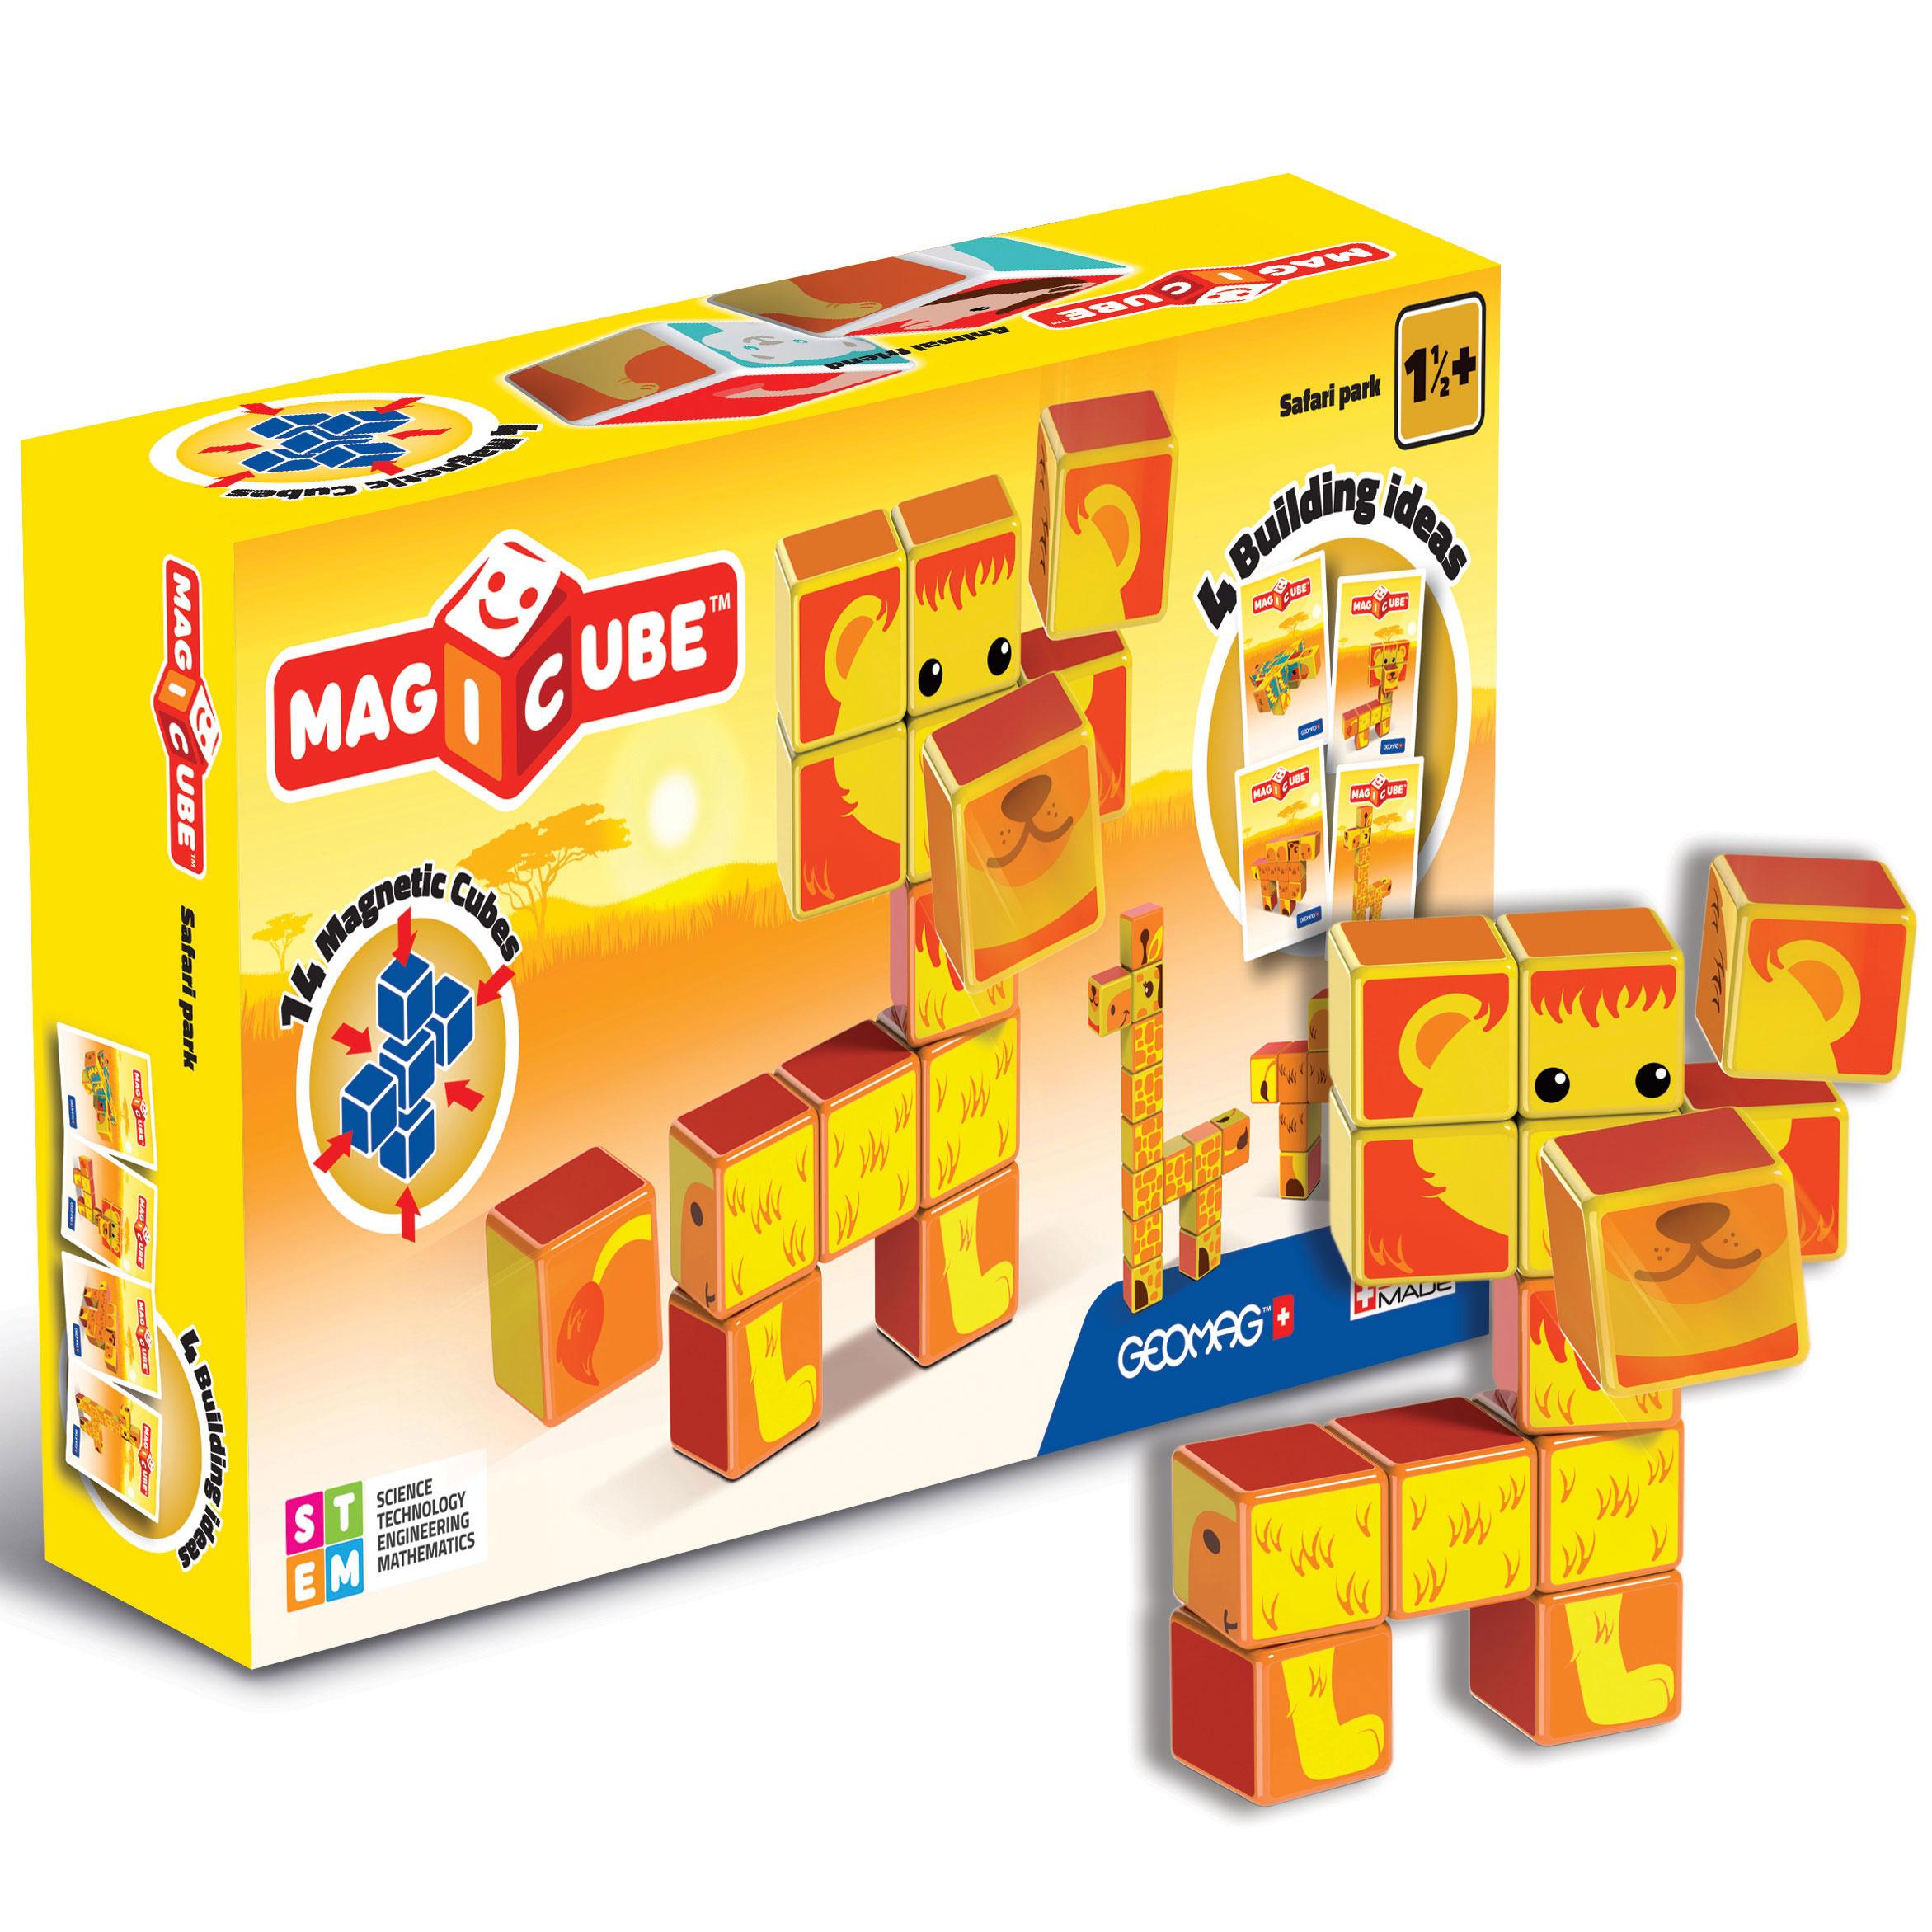 Купить Geomag Магнитный конструктор MagiCube Сафари-парк , 16 деталей, Швейцария